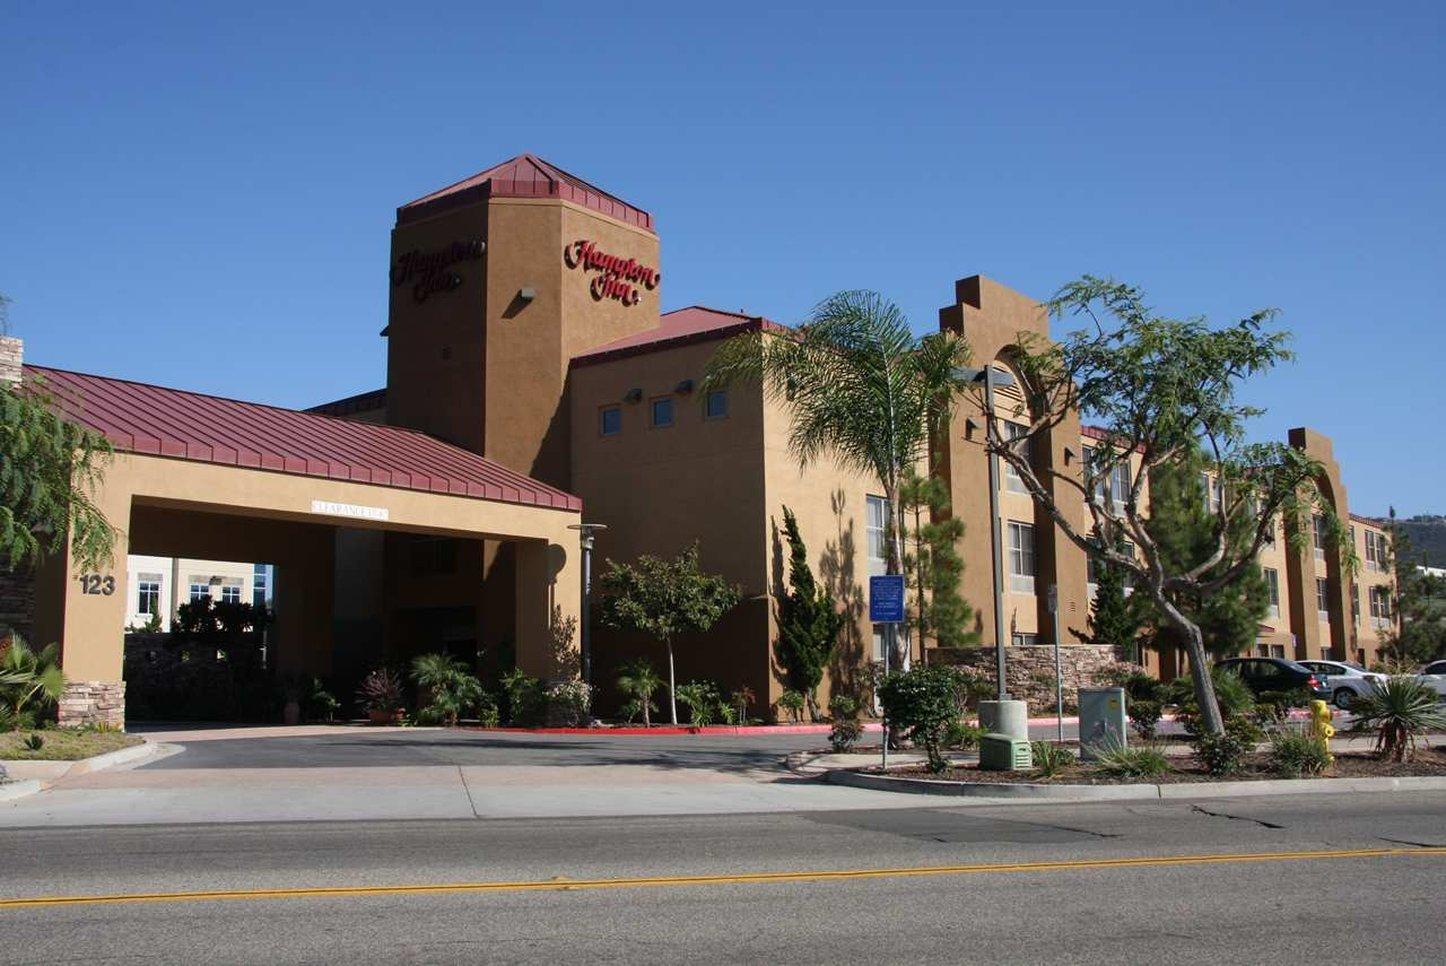 San marcos hotel y casino